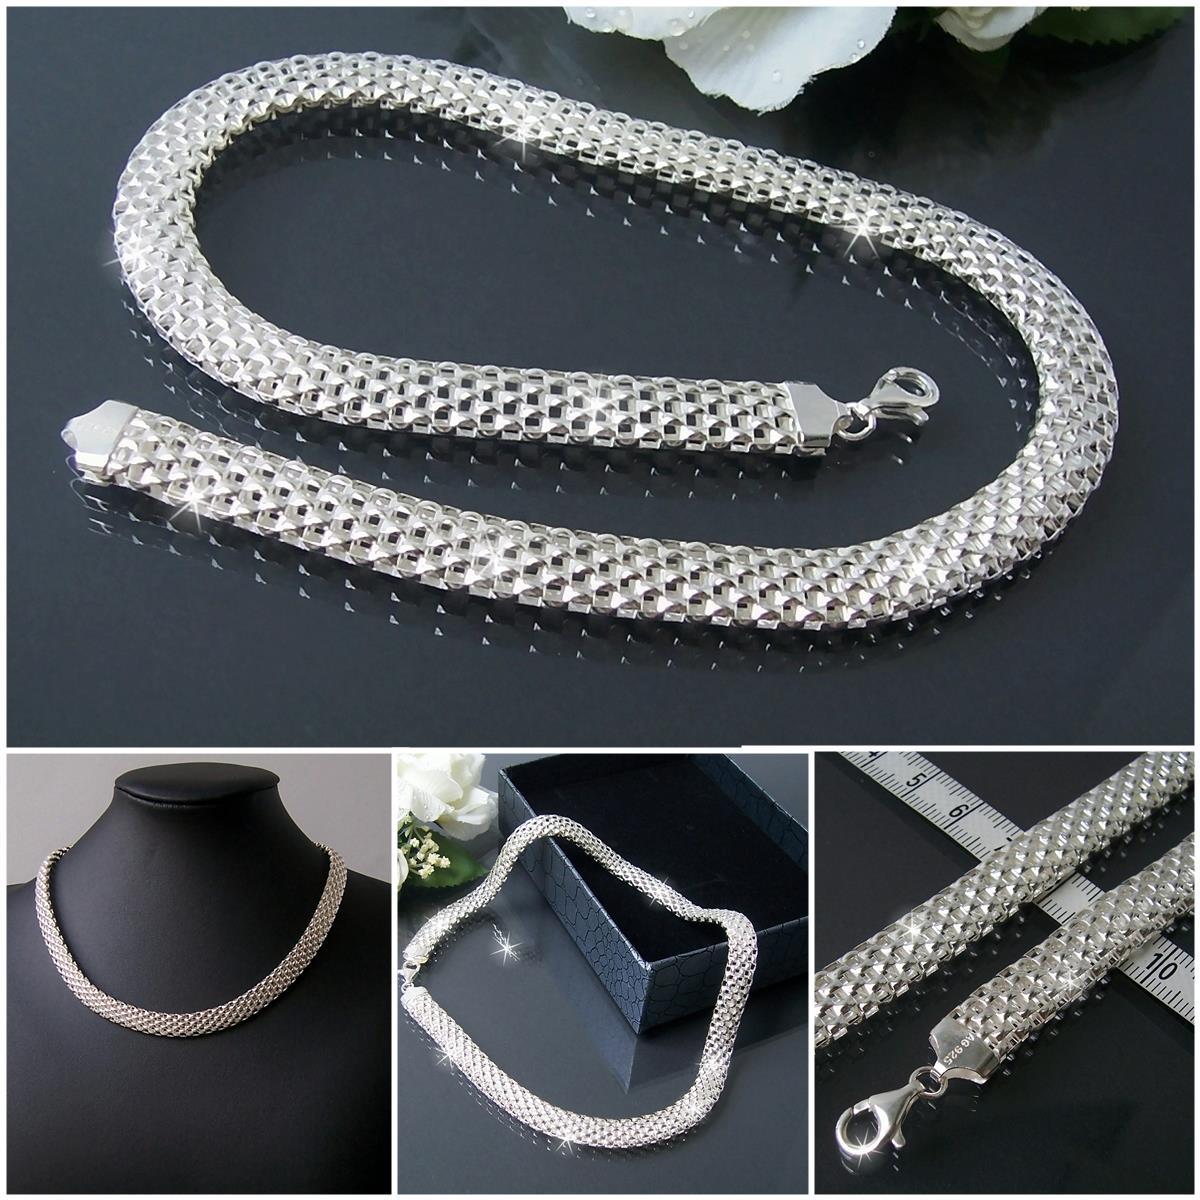 Niklarson 925 Silberschmuck Collier Kette Armband Sterling Silber Schmuck VE10*